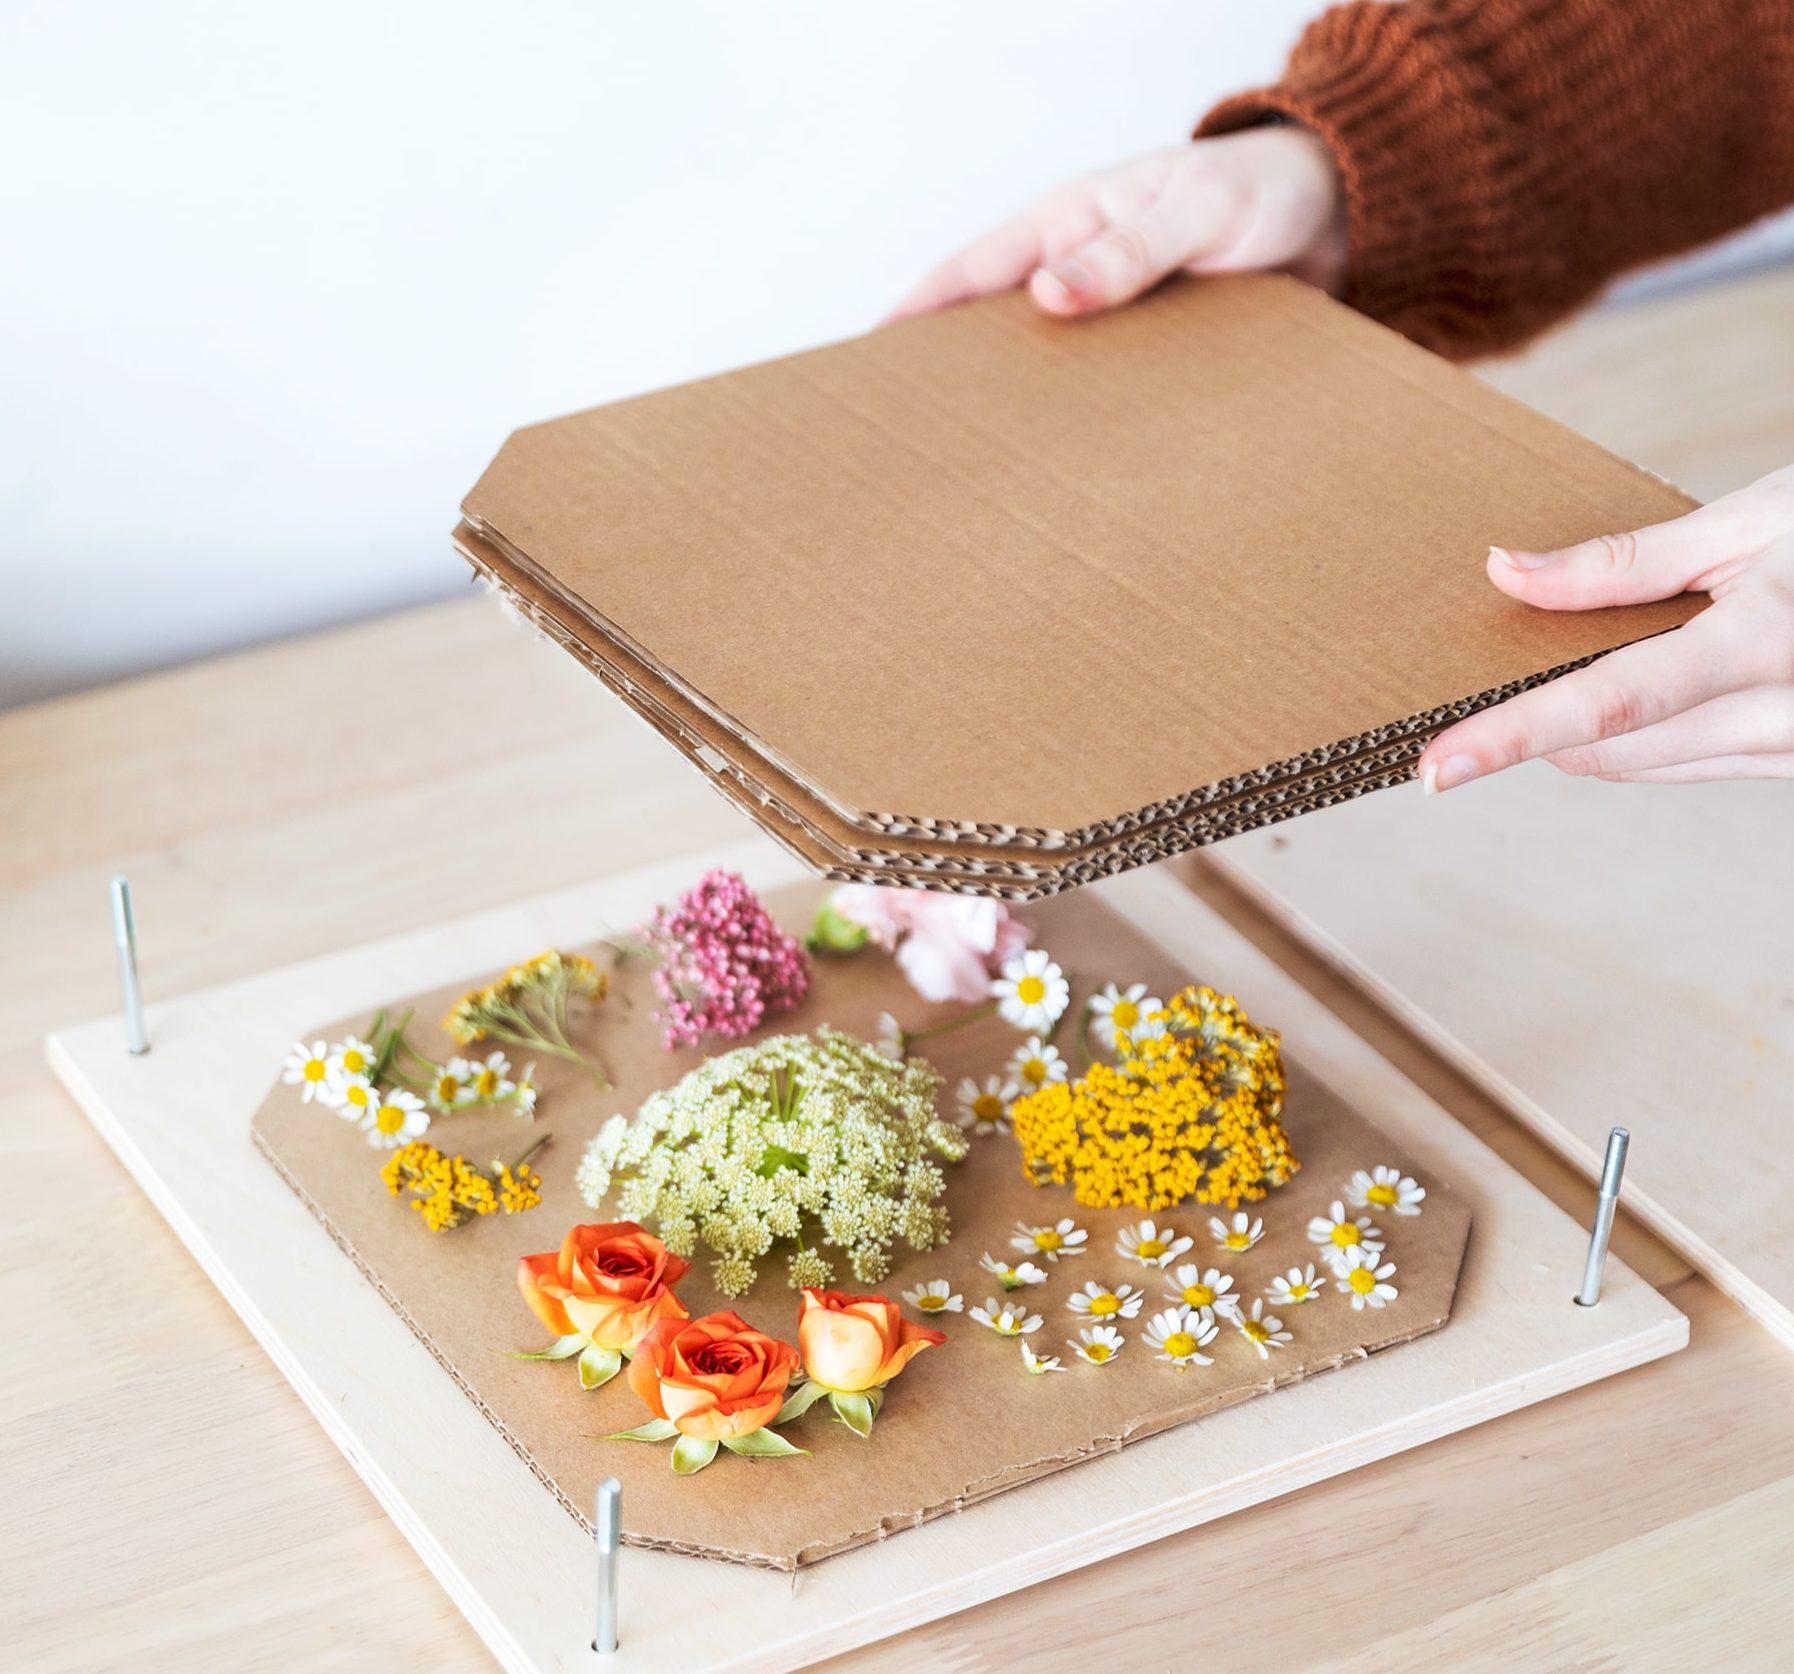 prensar flores facilmente